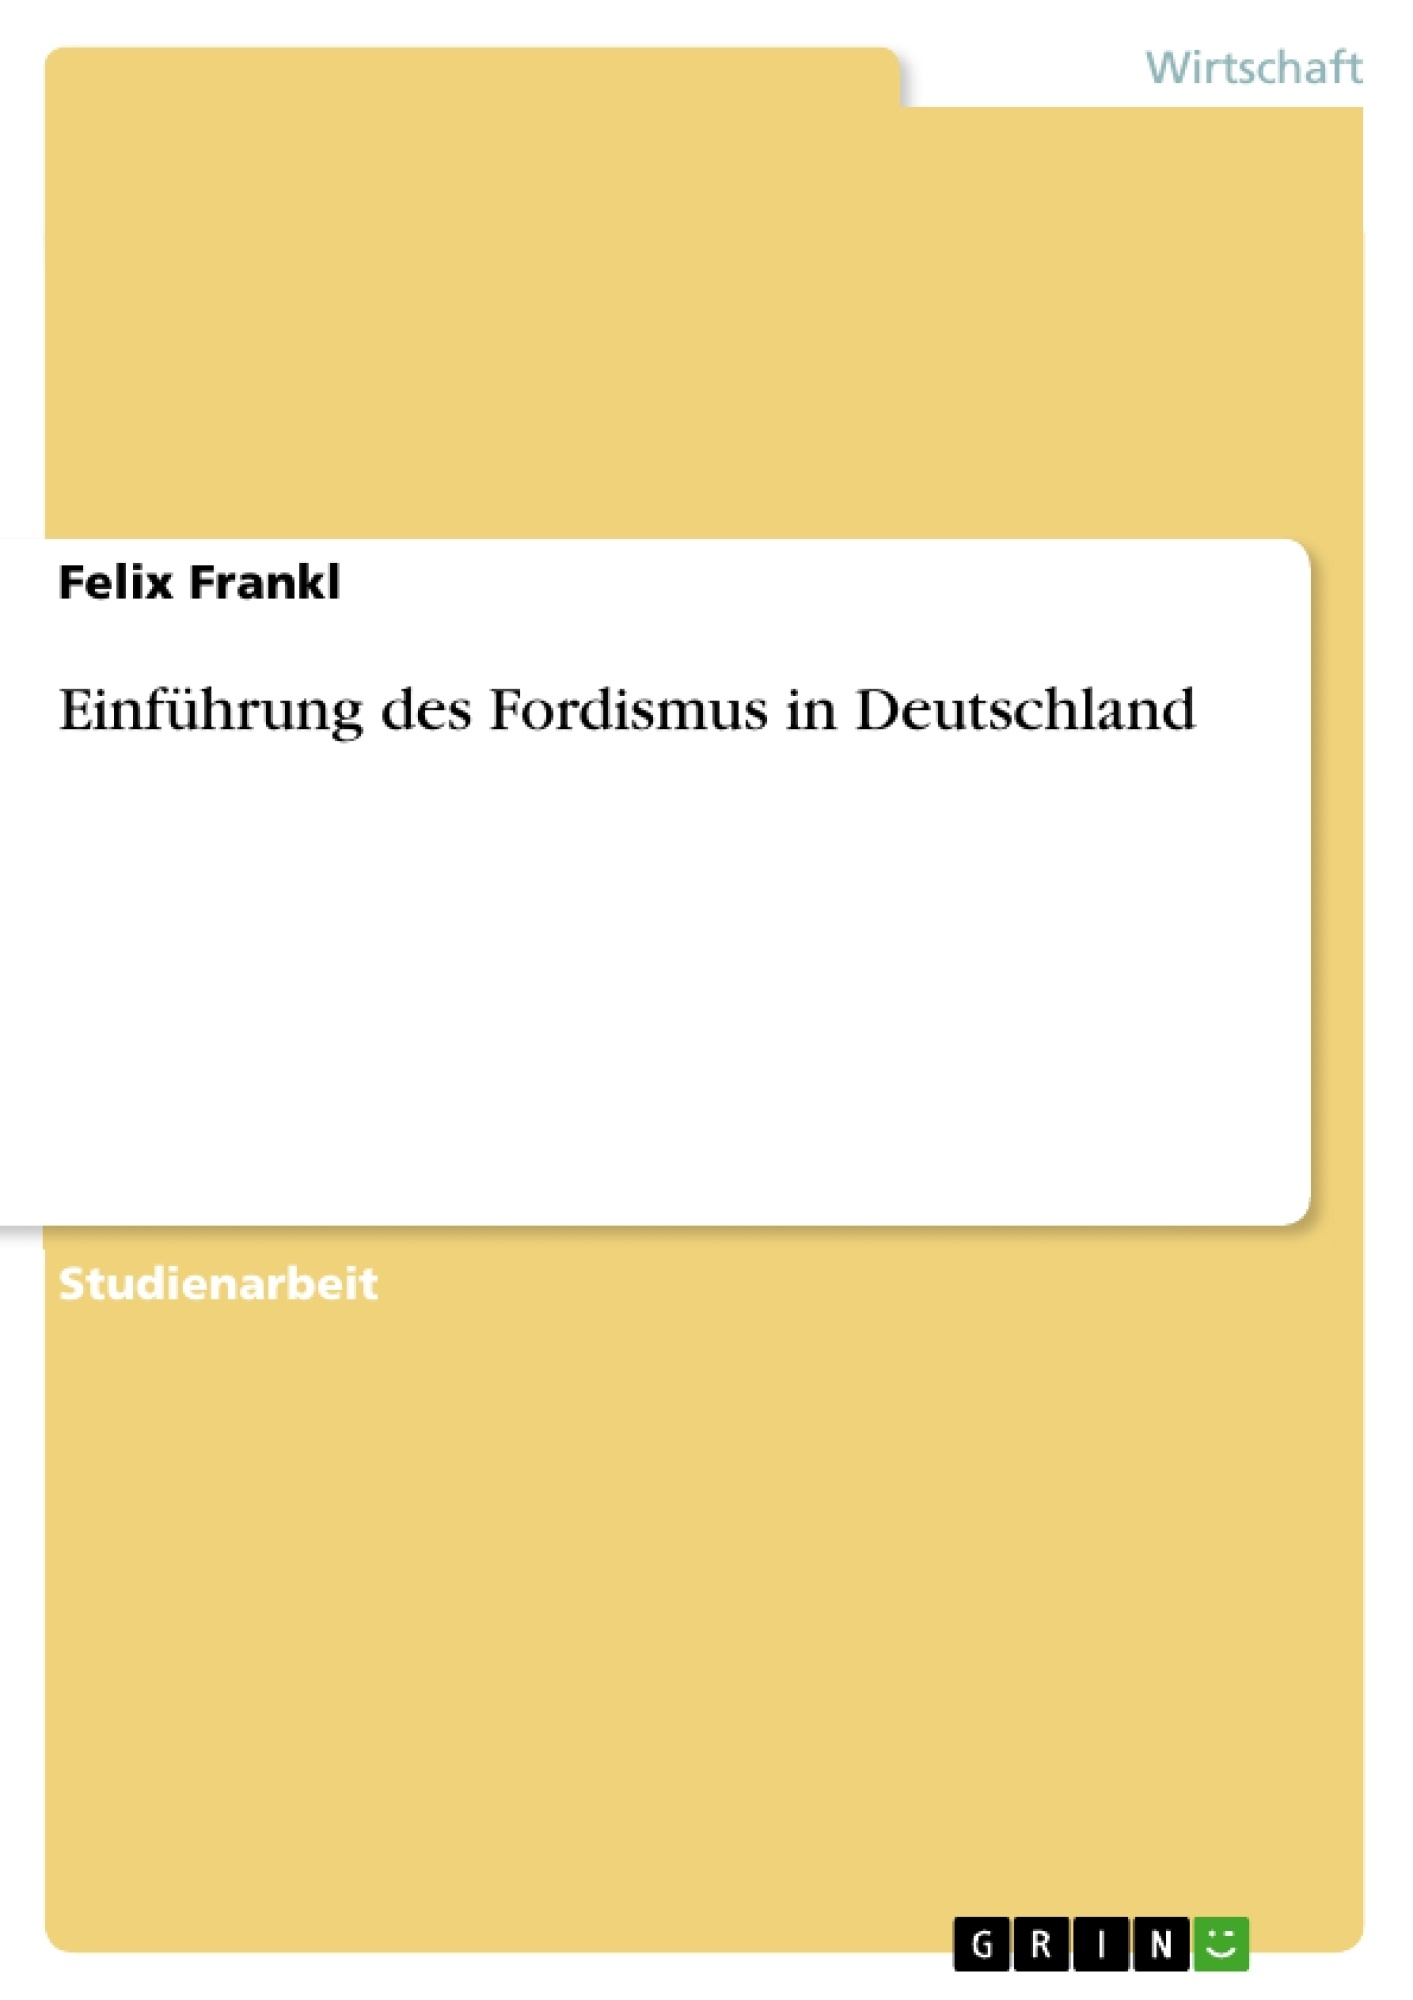 Titel: Einführung des Fordismus in Deutschland